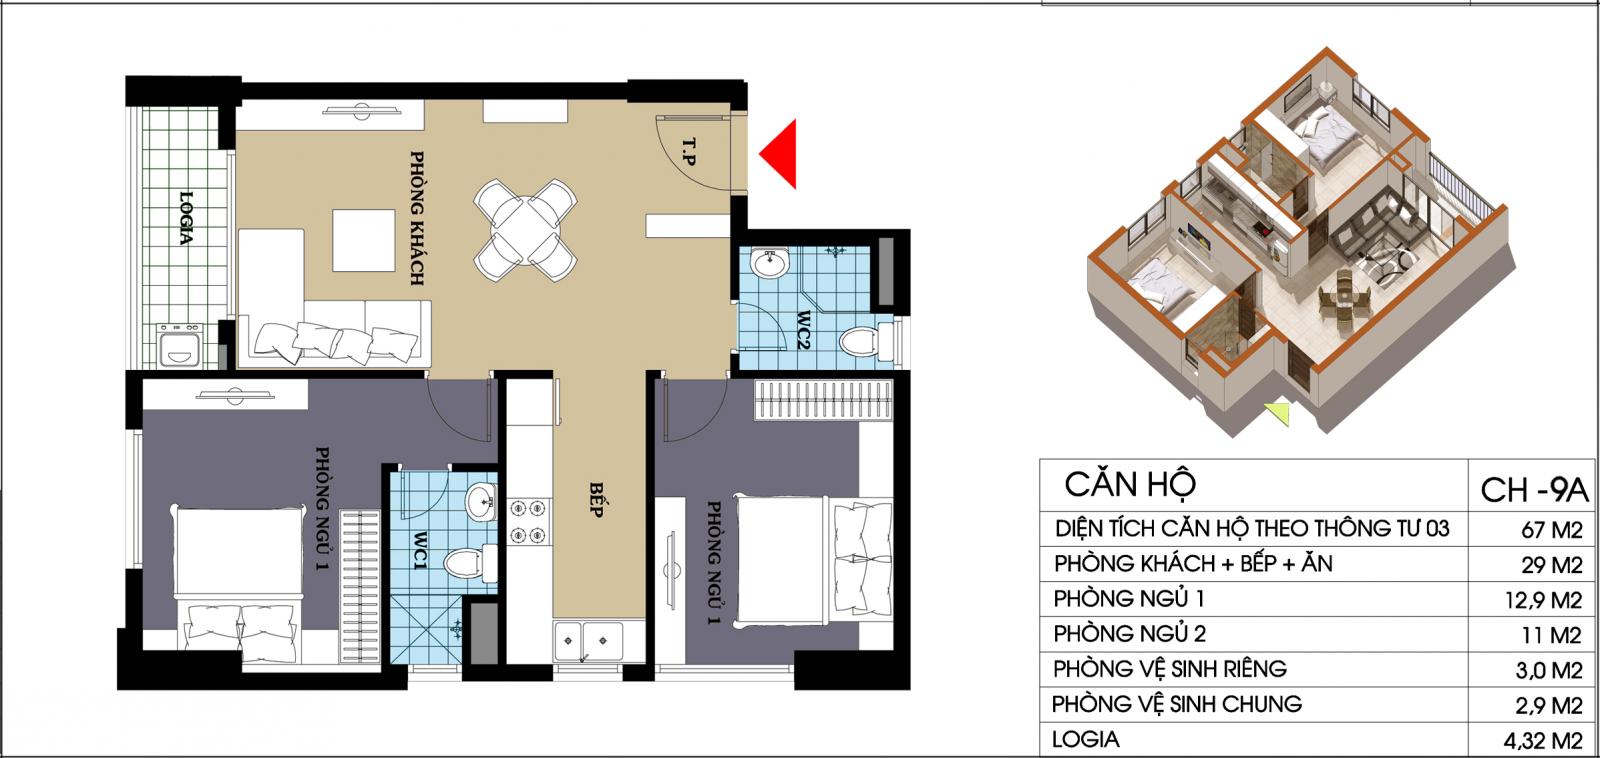 chung cư 987 tam trinh căn hộ ch9a